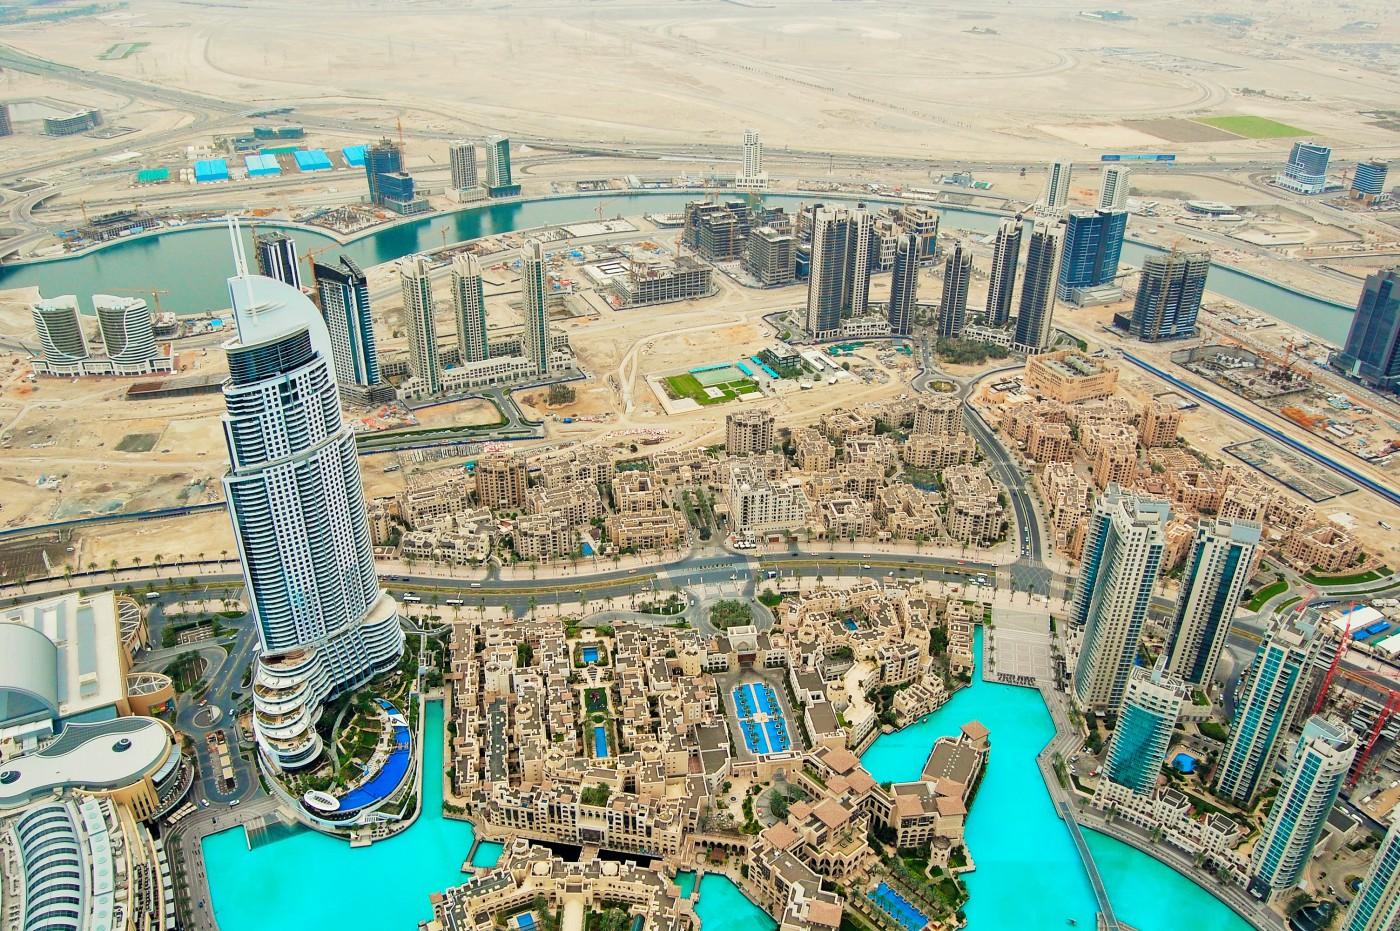 Dubai, Arabische Emeriate, Burj Khalifa